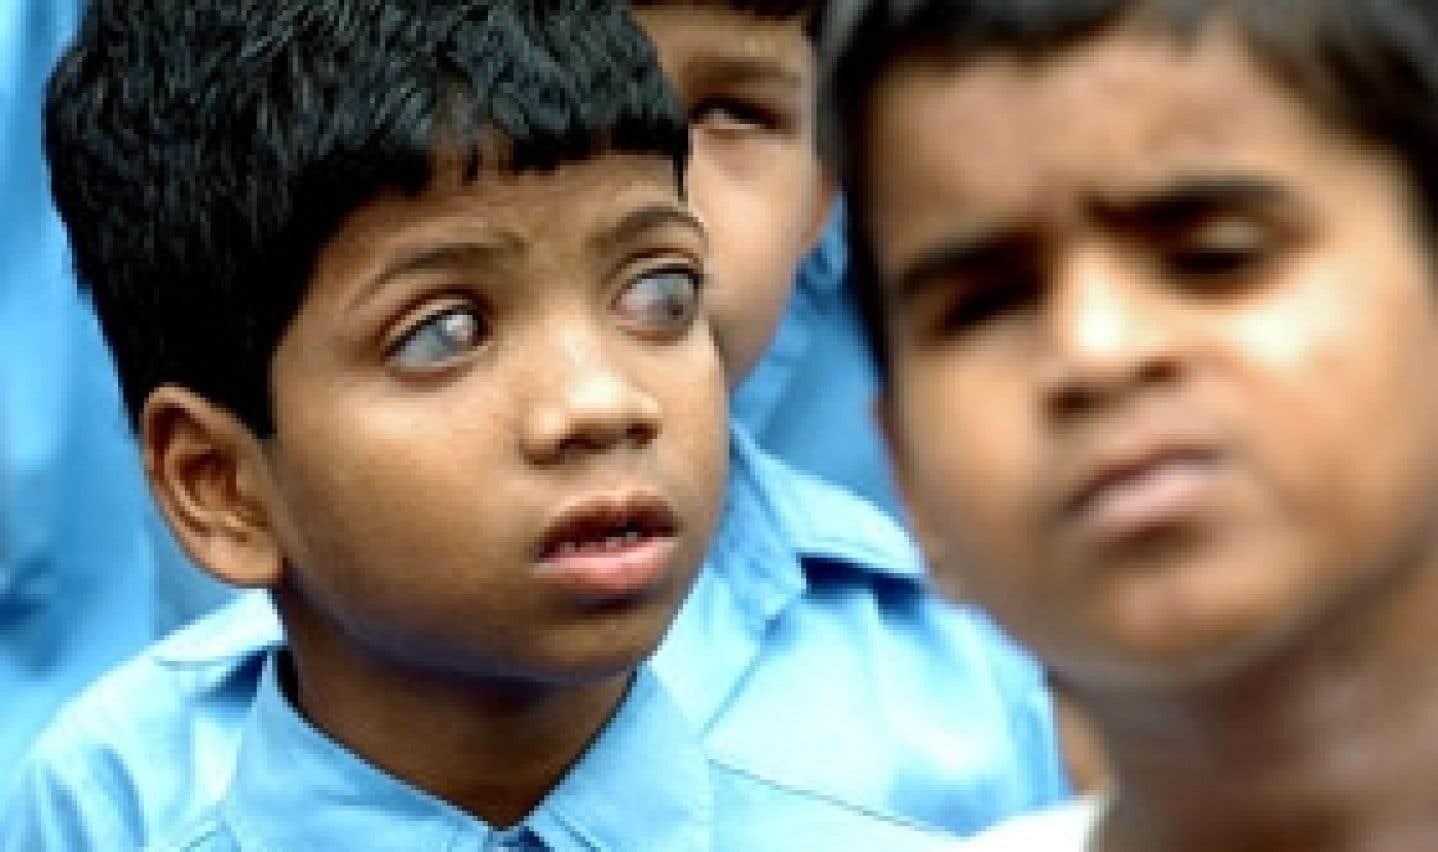 Seulement 3 % des individus affichant une déficience visuelle sont atteints de cécité à la naissance.